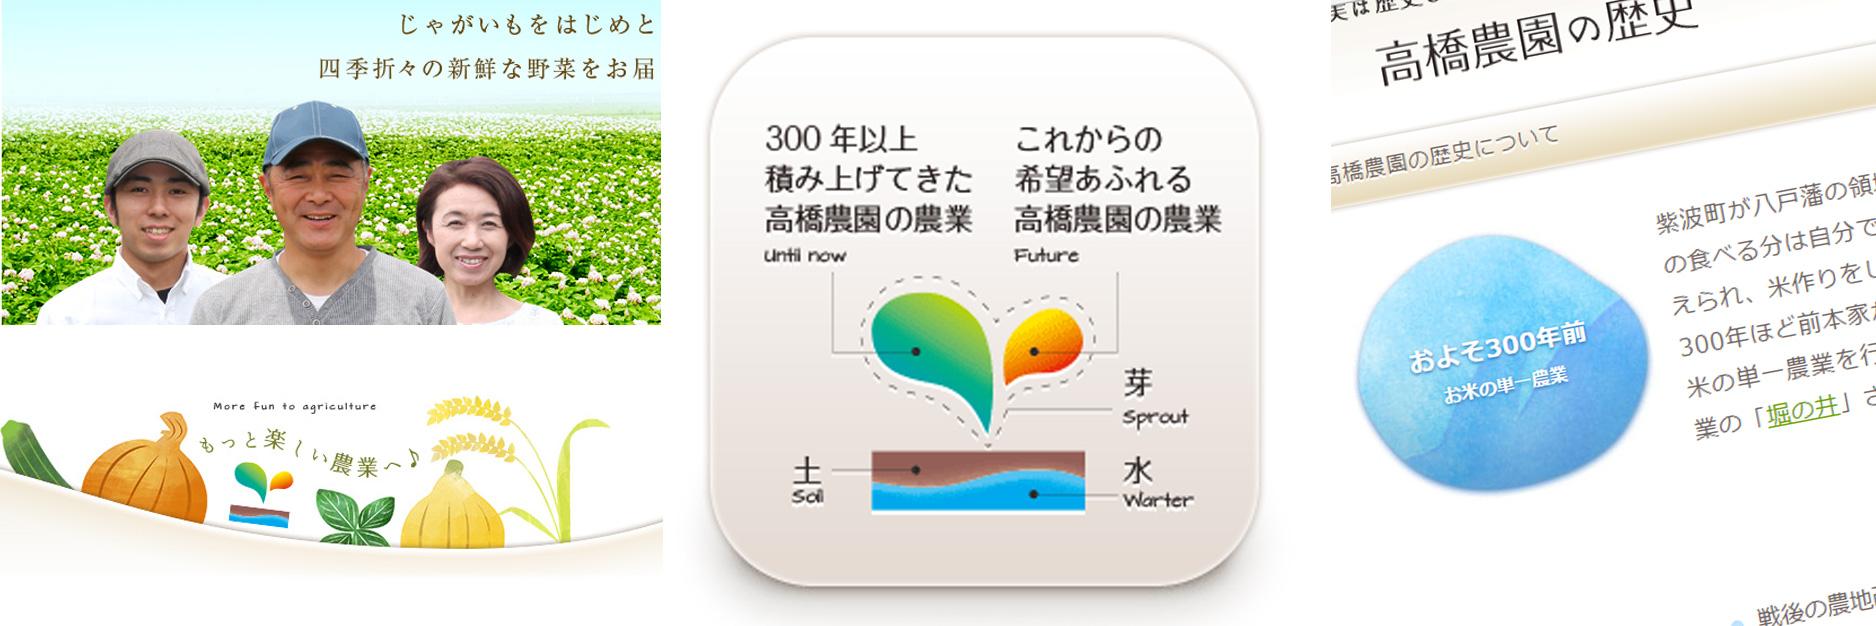 高橋農園様WEBサイト制作デザイン画像